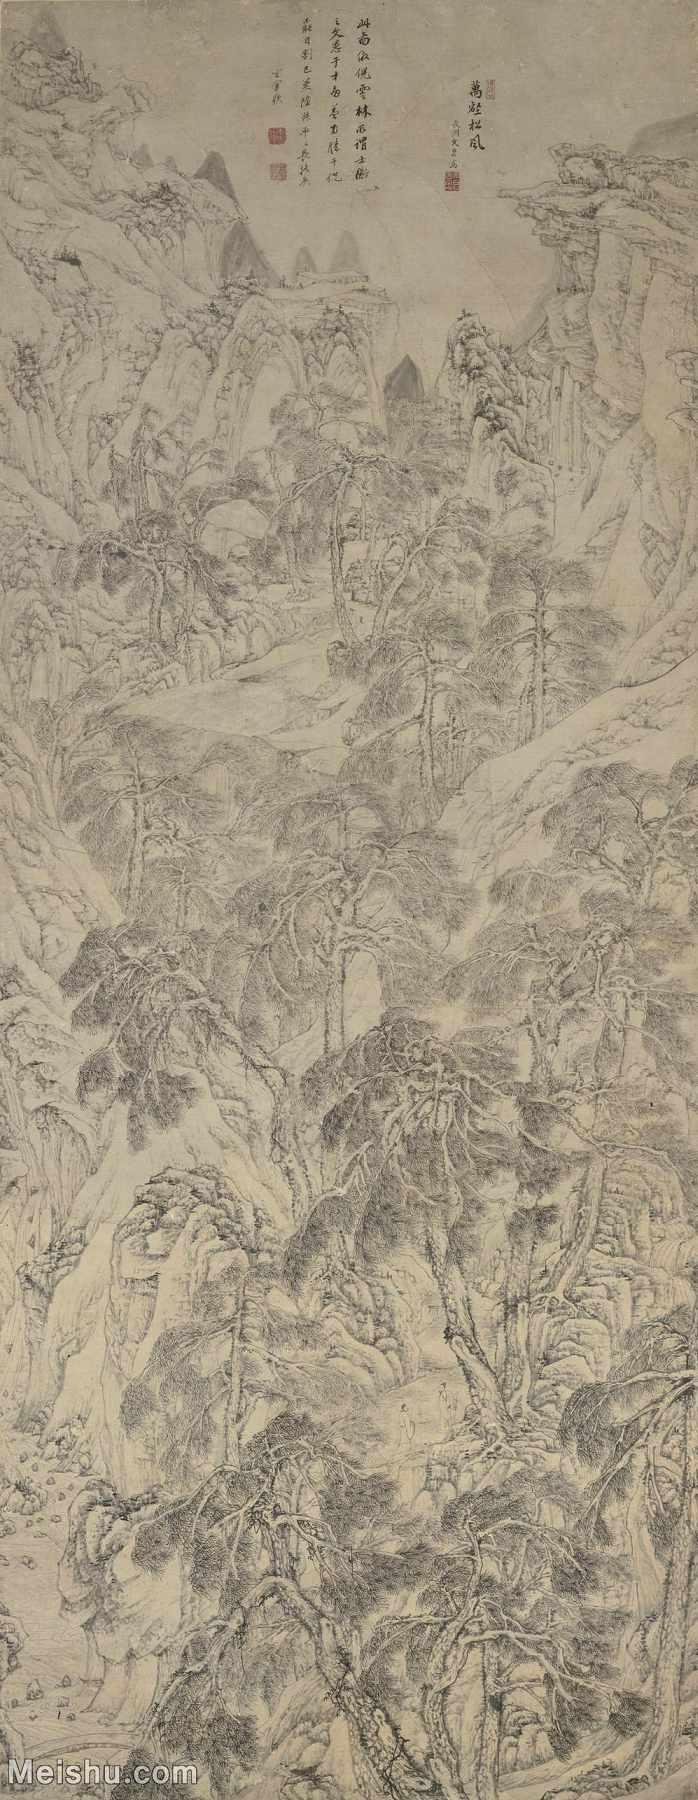 【超顶级】GH6088108古画山水风景四万图册之万壑松风-明-文伯仁-纸本-原73.5x188.1-雄山林立轴图片-2